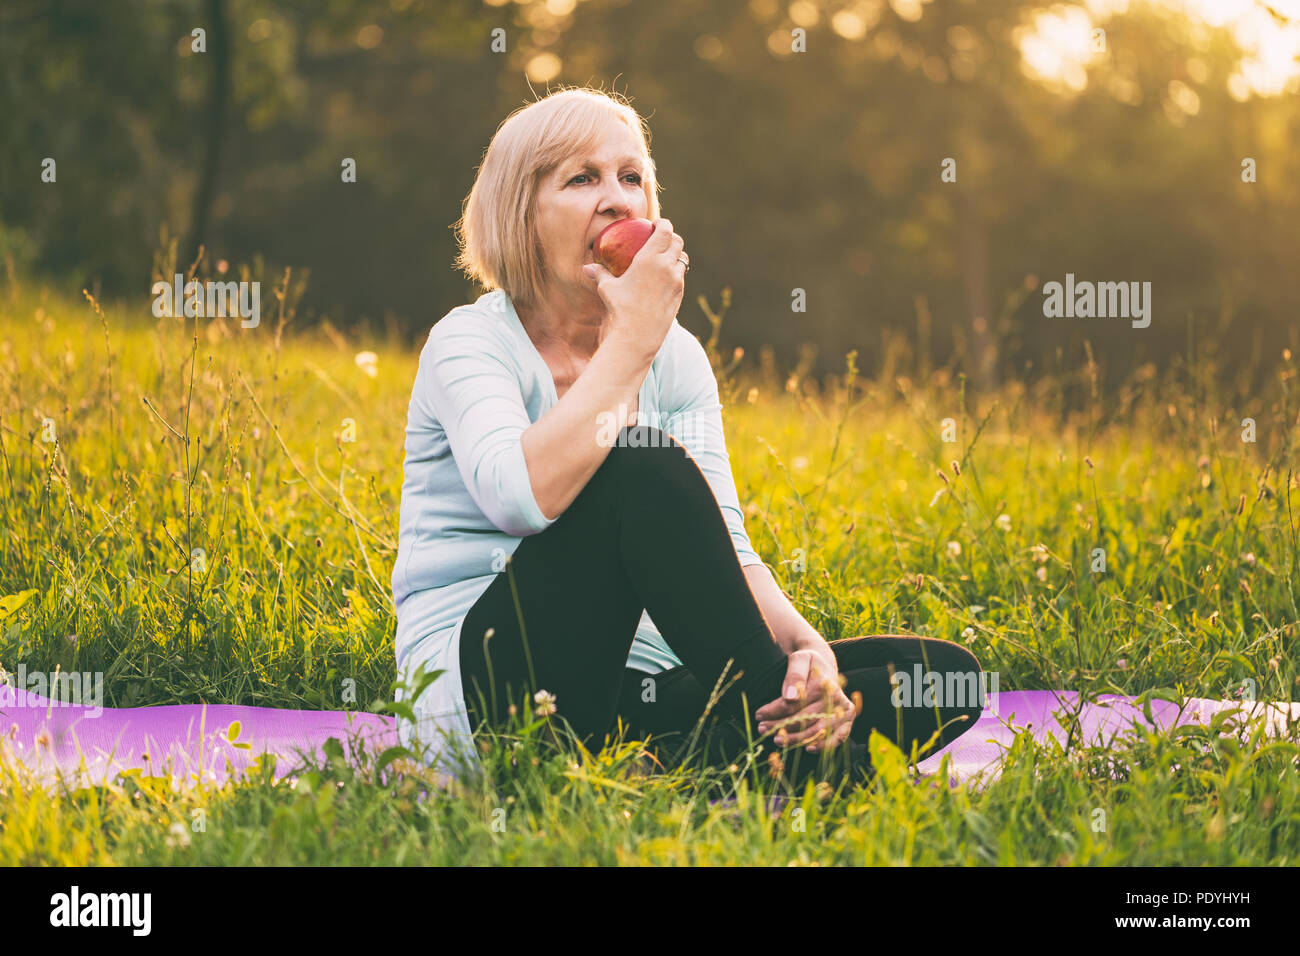 Attiva donna senior mangiare apple dopo esercizio.Immagine è intenzionalmente tonica. Immagini Stock